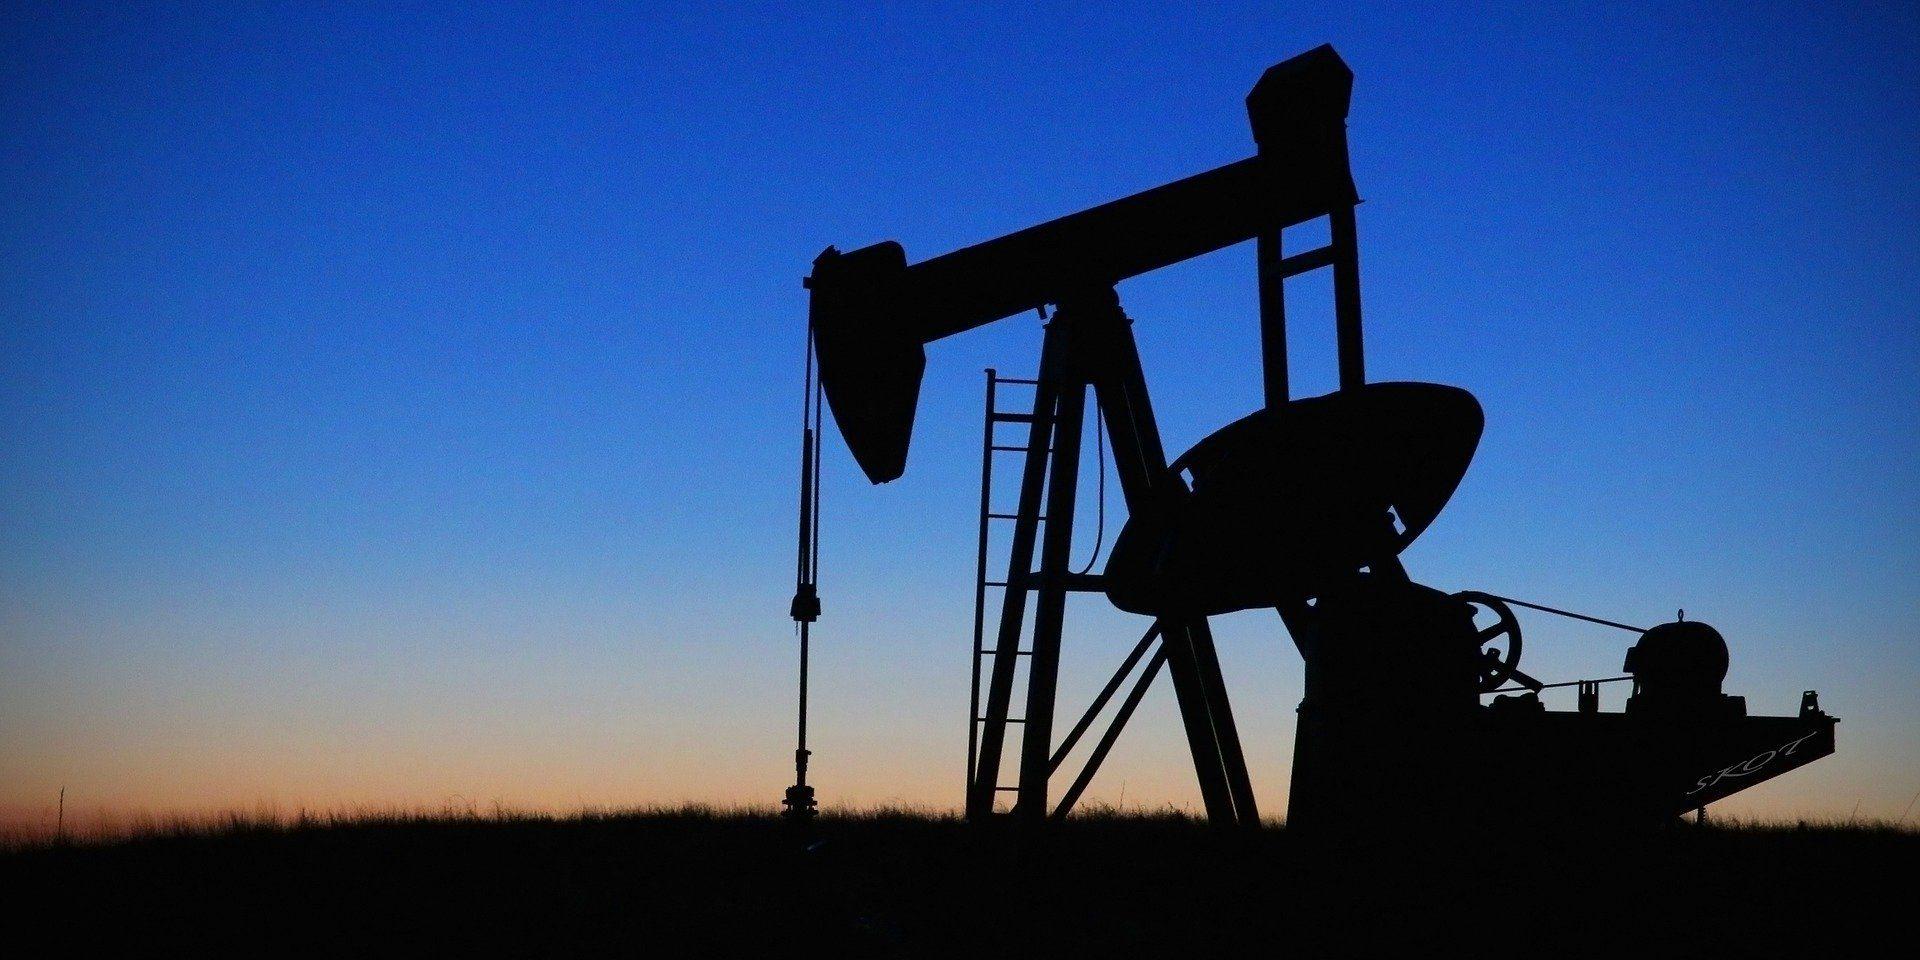 «Газпром нефть» развивает технологии цифрового управления переработкой нефти